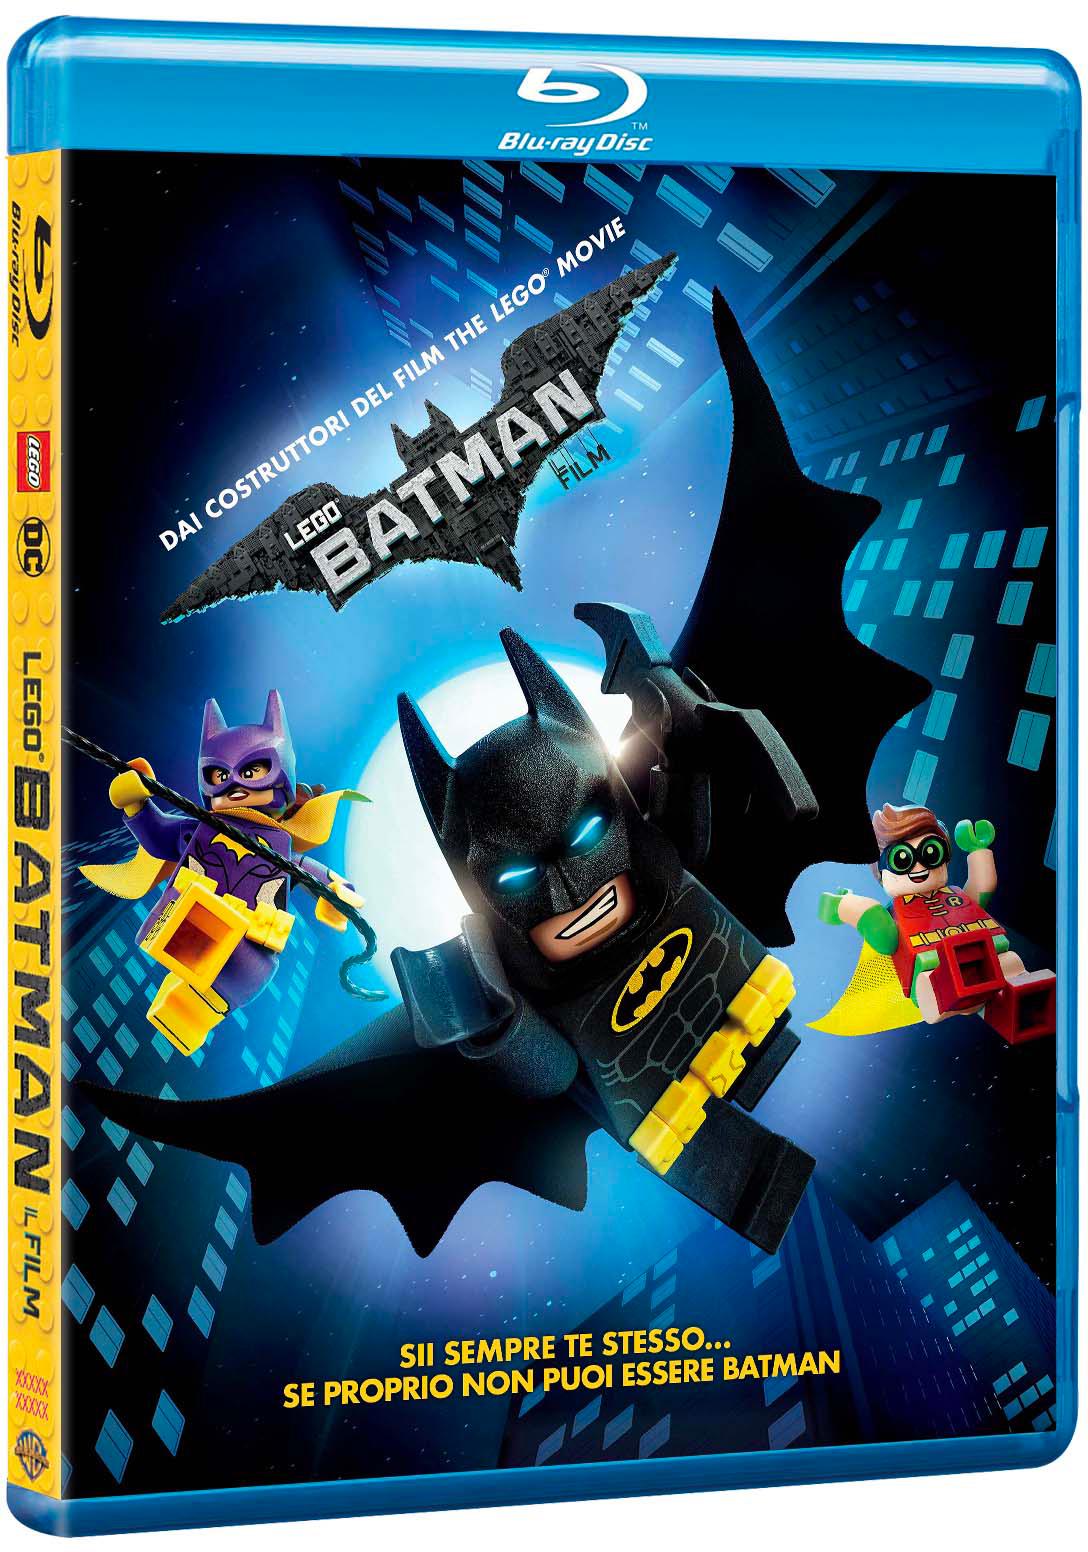 Il blu-ray di Lego Batman - Il film